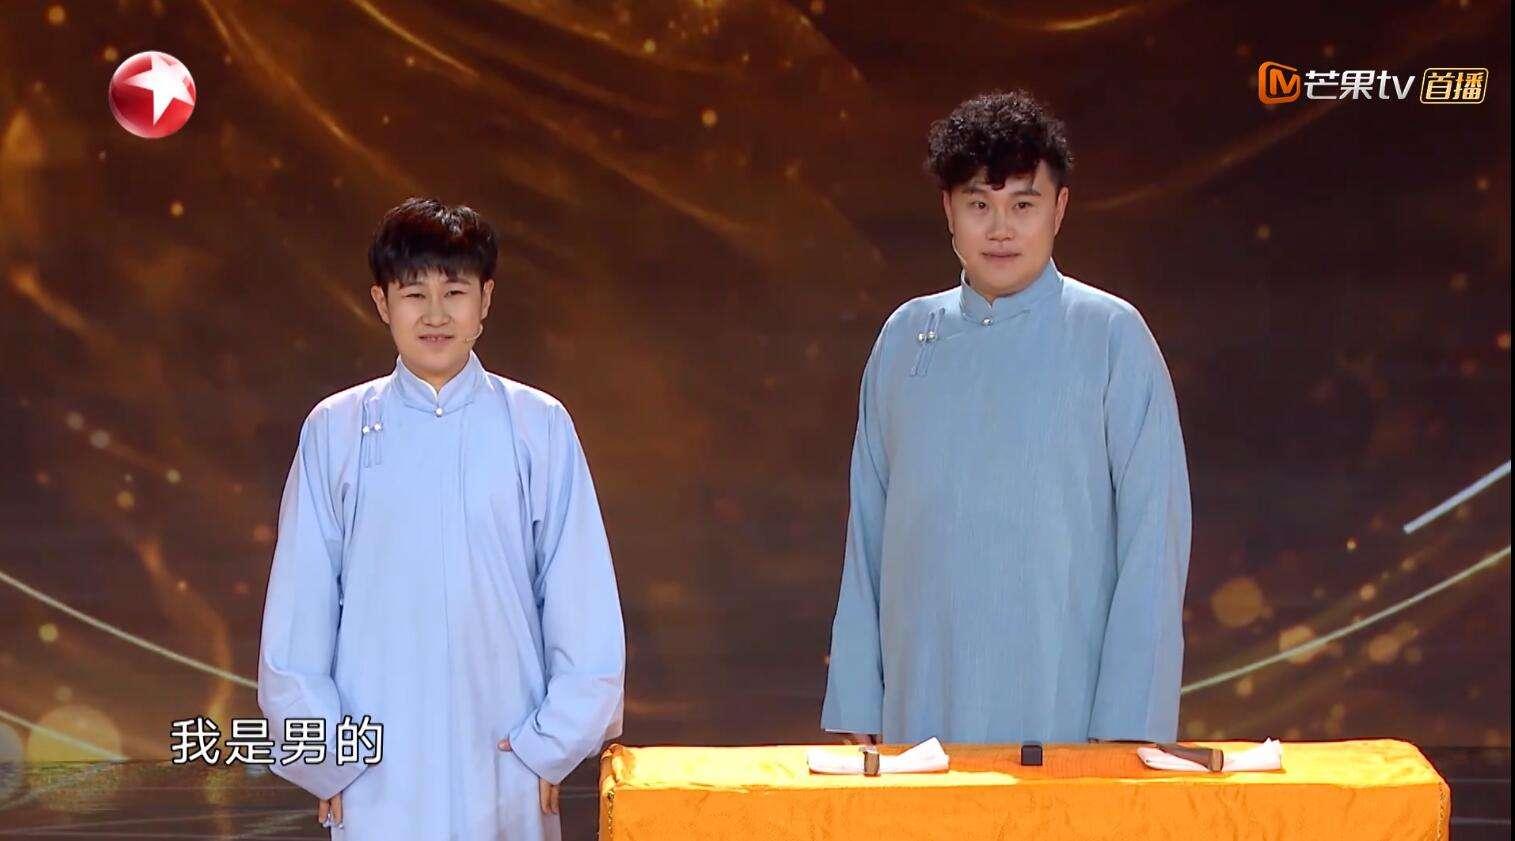 钱琦宋伟杰相声《职场甄嬛传》台词节选